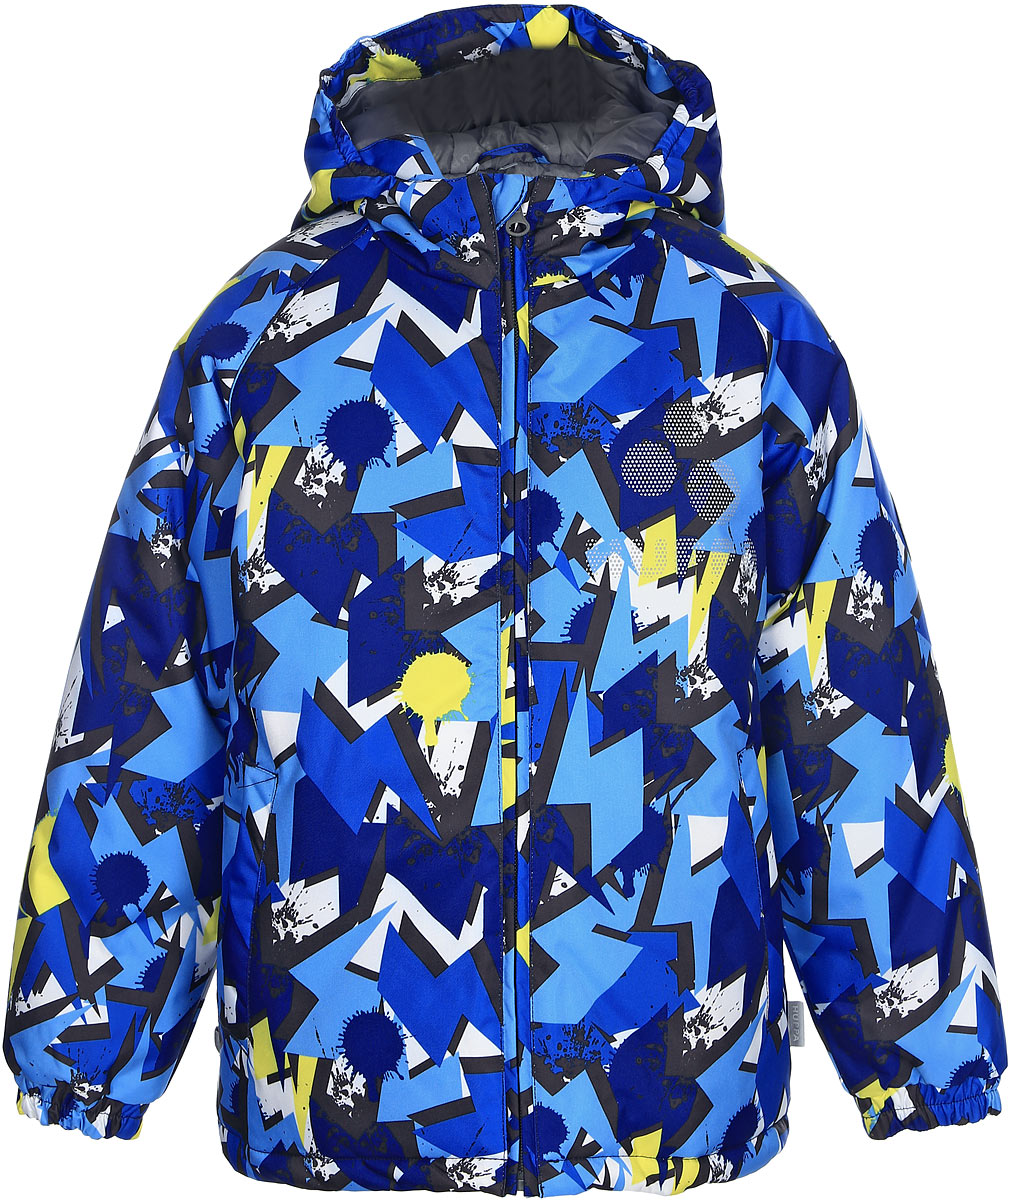 Куртка для мальчика Huppa Classy, цвет: темно-синий. 17710030-63486. Размер 13417710030-63486Куртка для мальчика Huppa выполнена из высококачественного водонепроницаемого и ветрозащитного материала на основе полиэстера. Куртка c длинными рукавами, воротником-стойкой и съемным капюшоном. Модель застегивается на застежку-молнию с защитой подбородка спереди. Изделие имеет два прорезных кармана на застежках-молниях. Манжеты рукавов собраны на внутренние резинки. На изделии имеются светоотражательные элементы для безопасности в темное время суток.